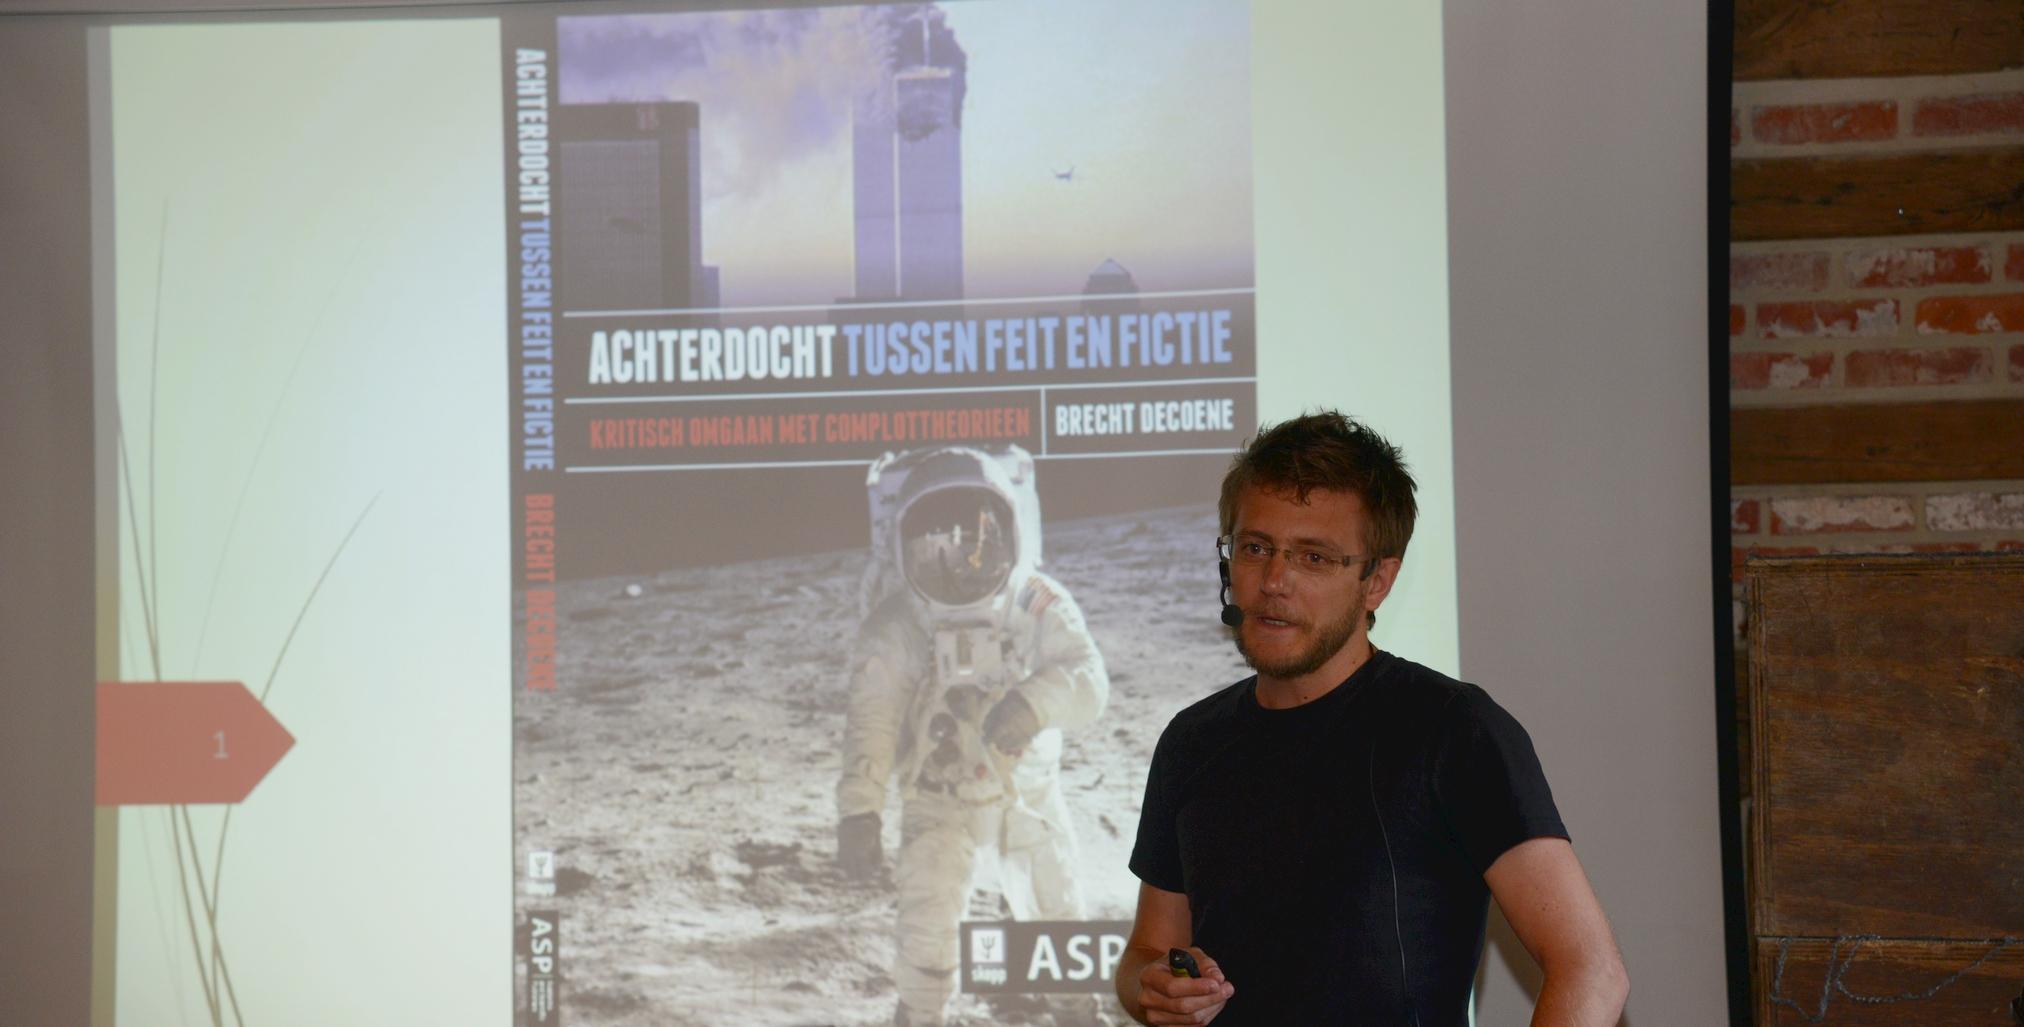 Brecht De Coene presenteert zijn boek